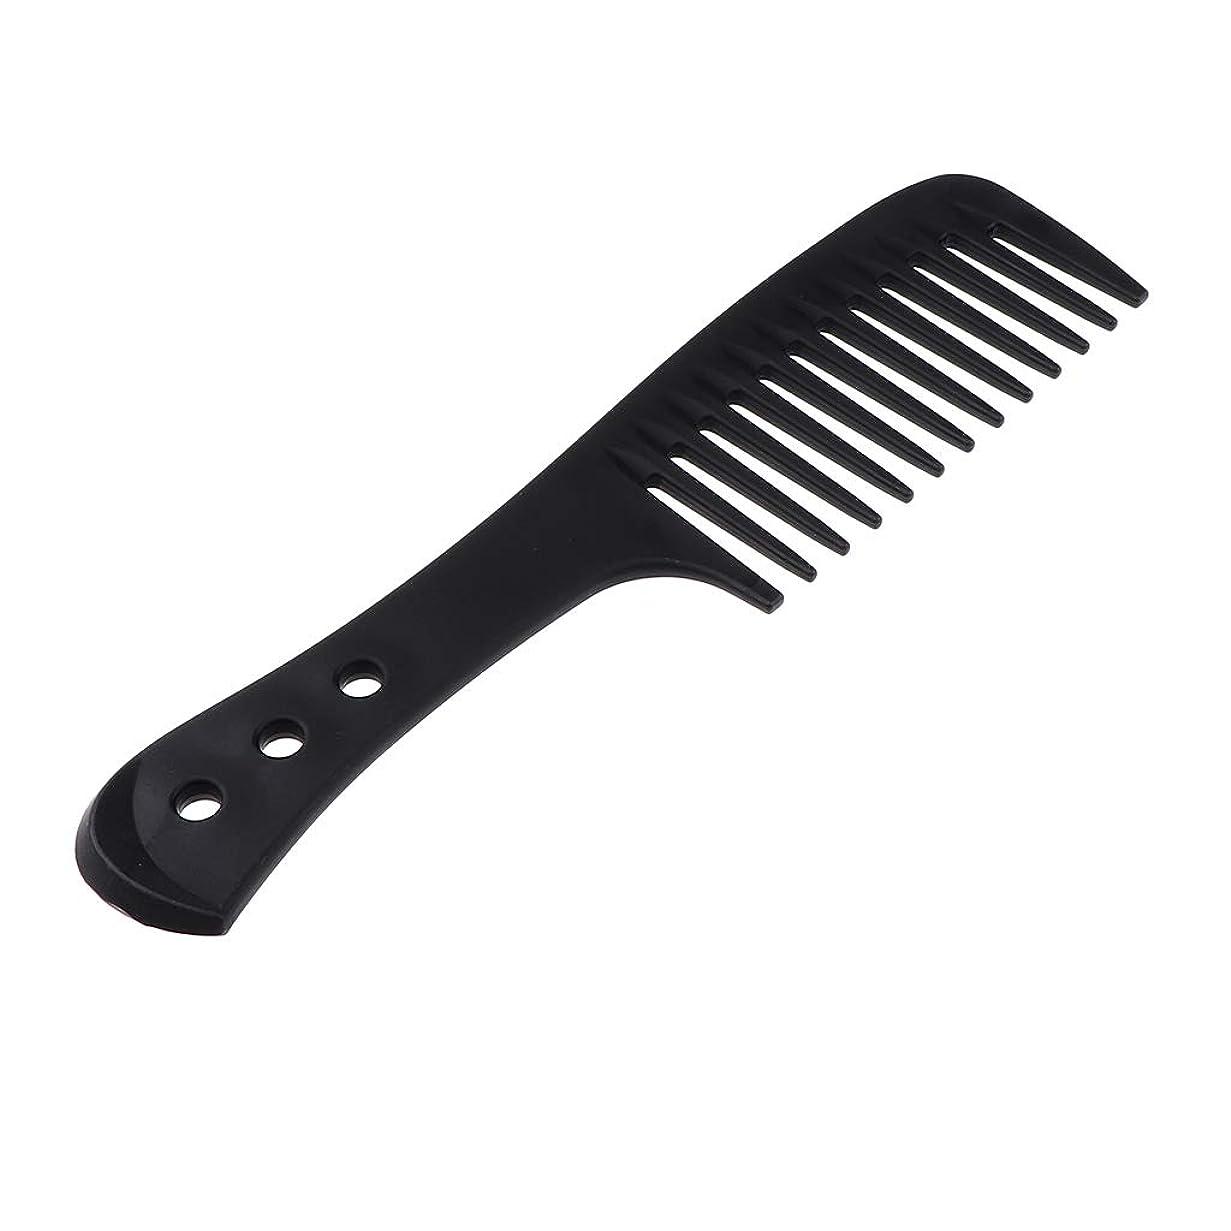 豆クレデンシャルシャーロットブロンテT TOOYFUL ワイド歯ブラシ 美容整形 美容整形髪ブラシ 全4色 - ブラック